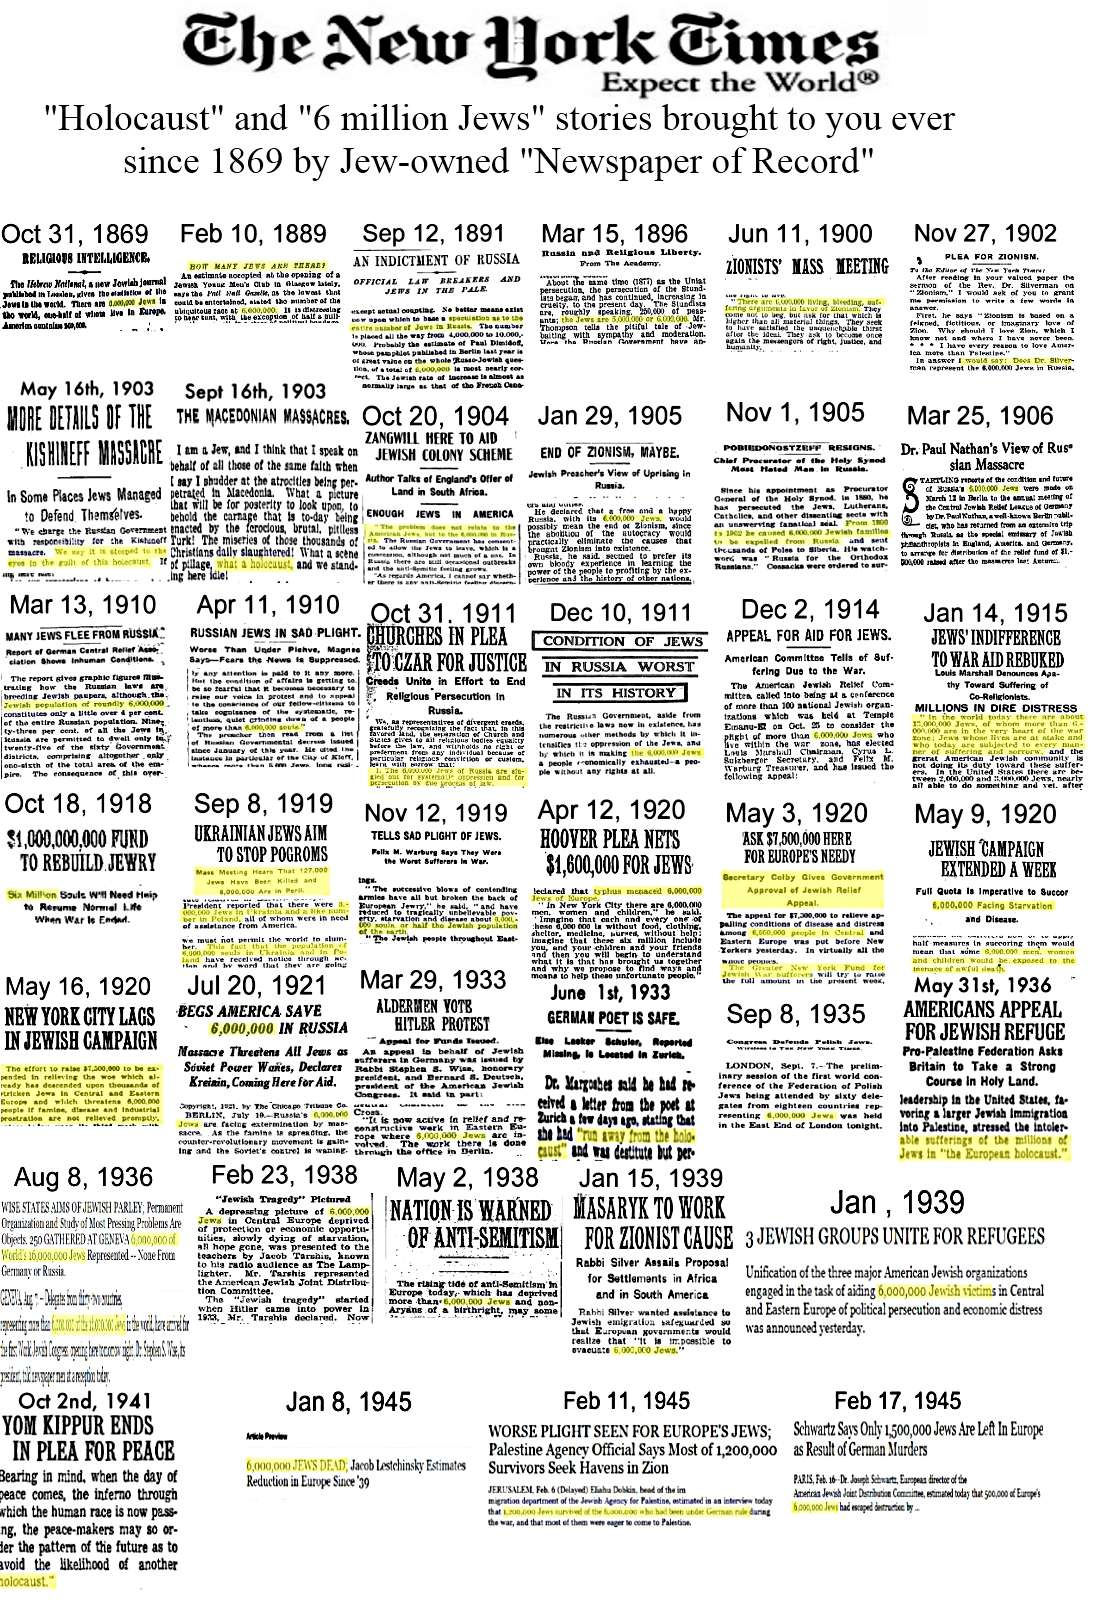 Информационный удар «Холокостом» по детям. Часть 1